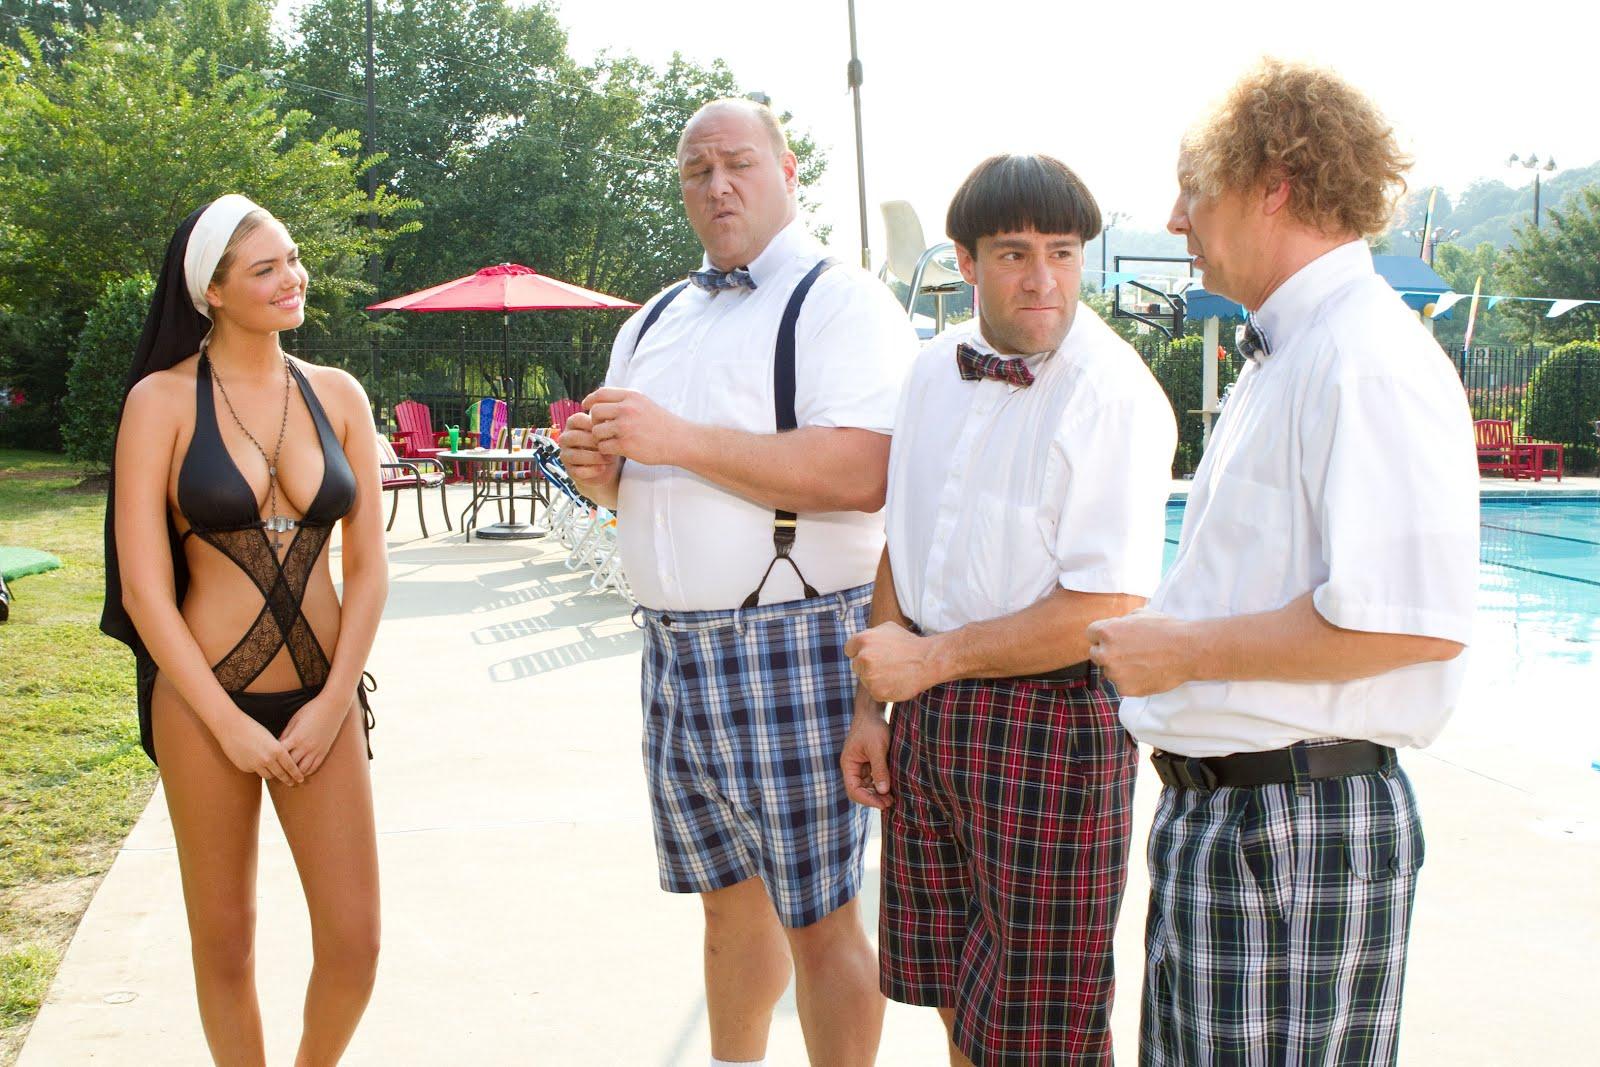 http://2.bp.blogspot.com/-jLPhAj7MzI8/Tzwr5nqRhAI/AAAAAAAAE1s/EBXcjIWPRTM/s1600/Kate_Upton_Nunkini.jpg